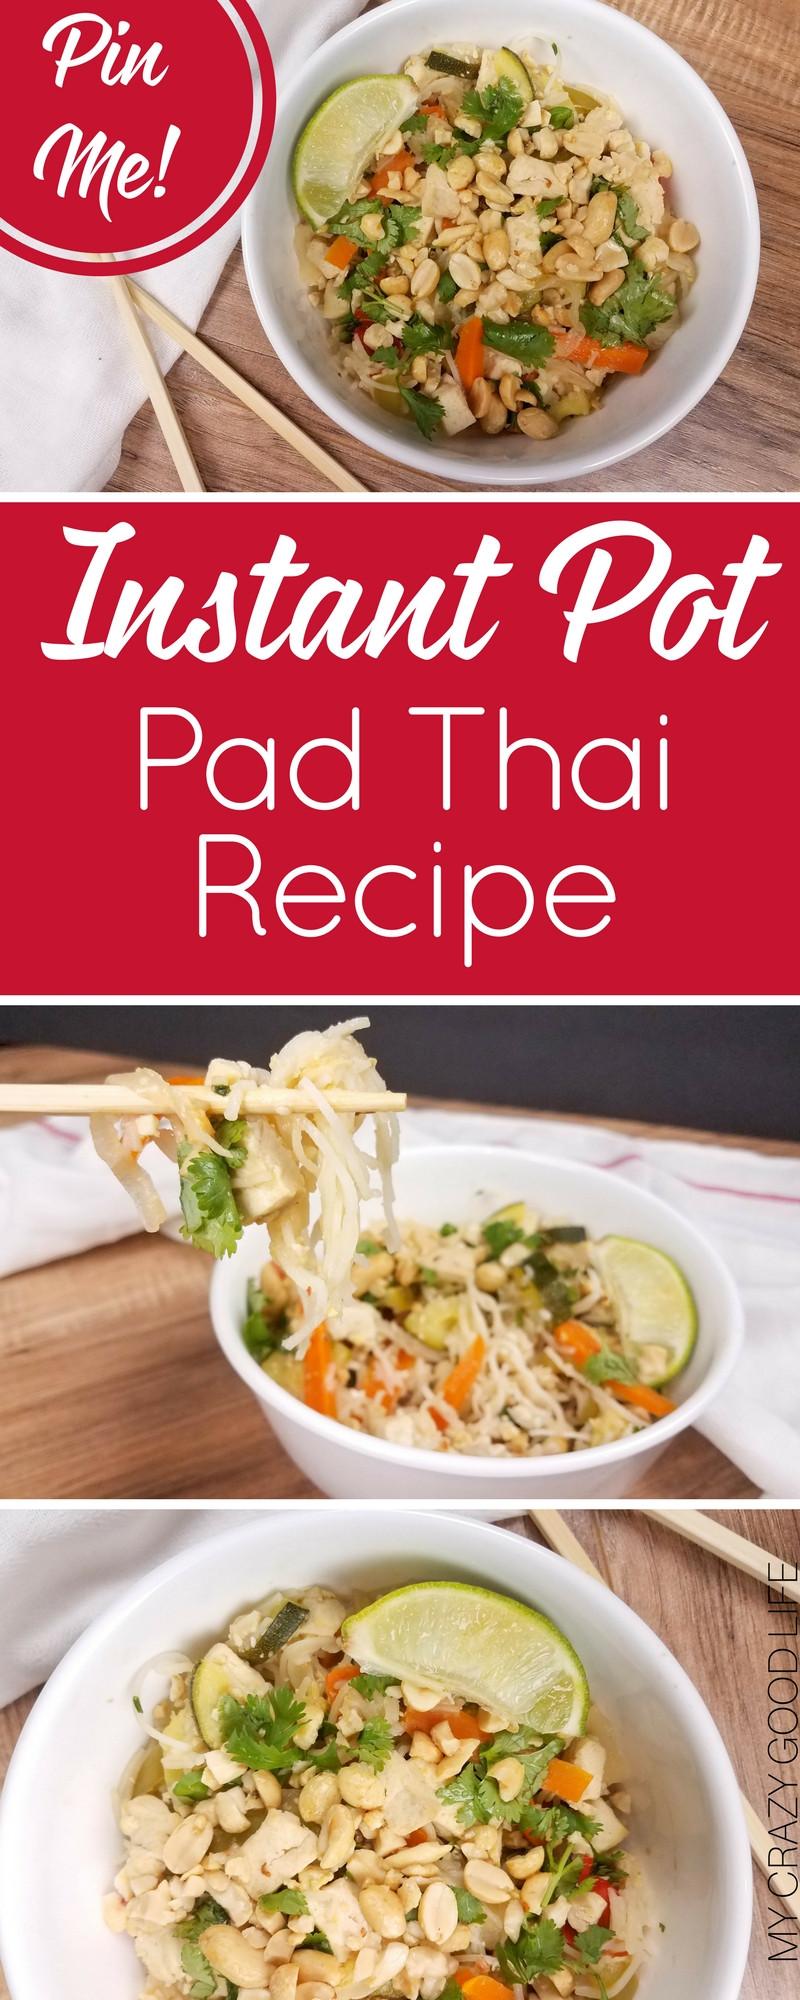 Instant Pot Recipes Vegetarian  Instant Pot Pad Thai Recipe